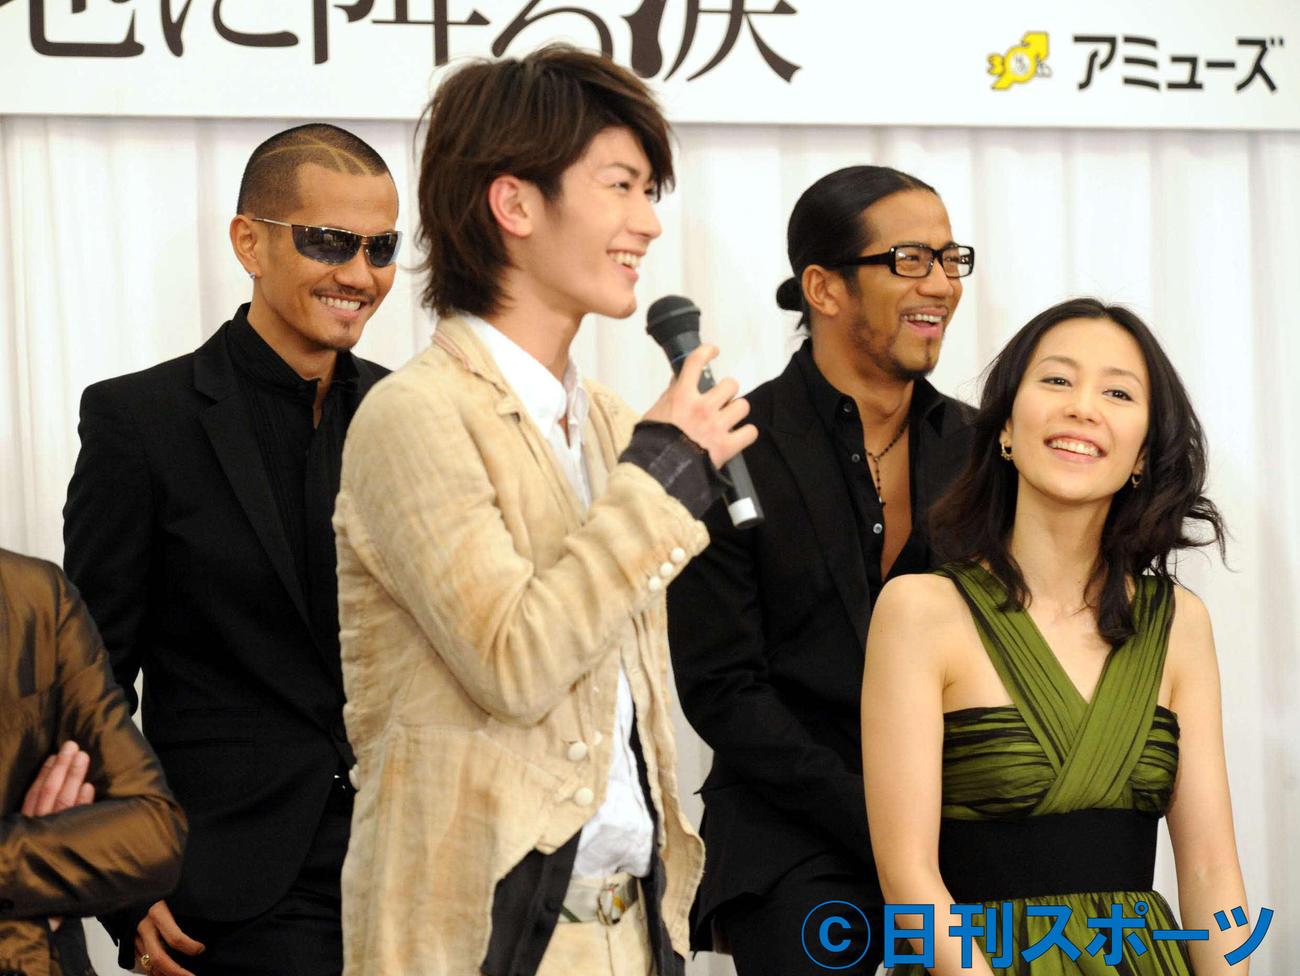 舞台「星の大地に降る涙」の制作発表会見 「EXILEの15人目のメンバーになりたい」と語った三浦春馬さん(2009年3月16日撮影)